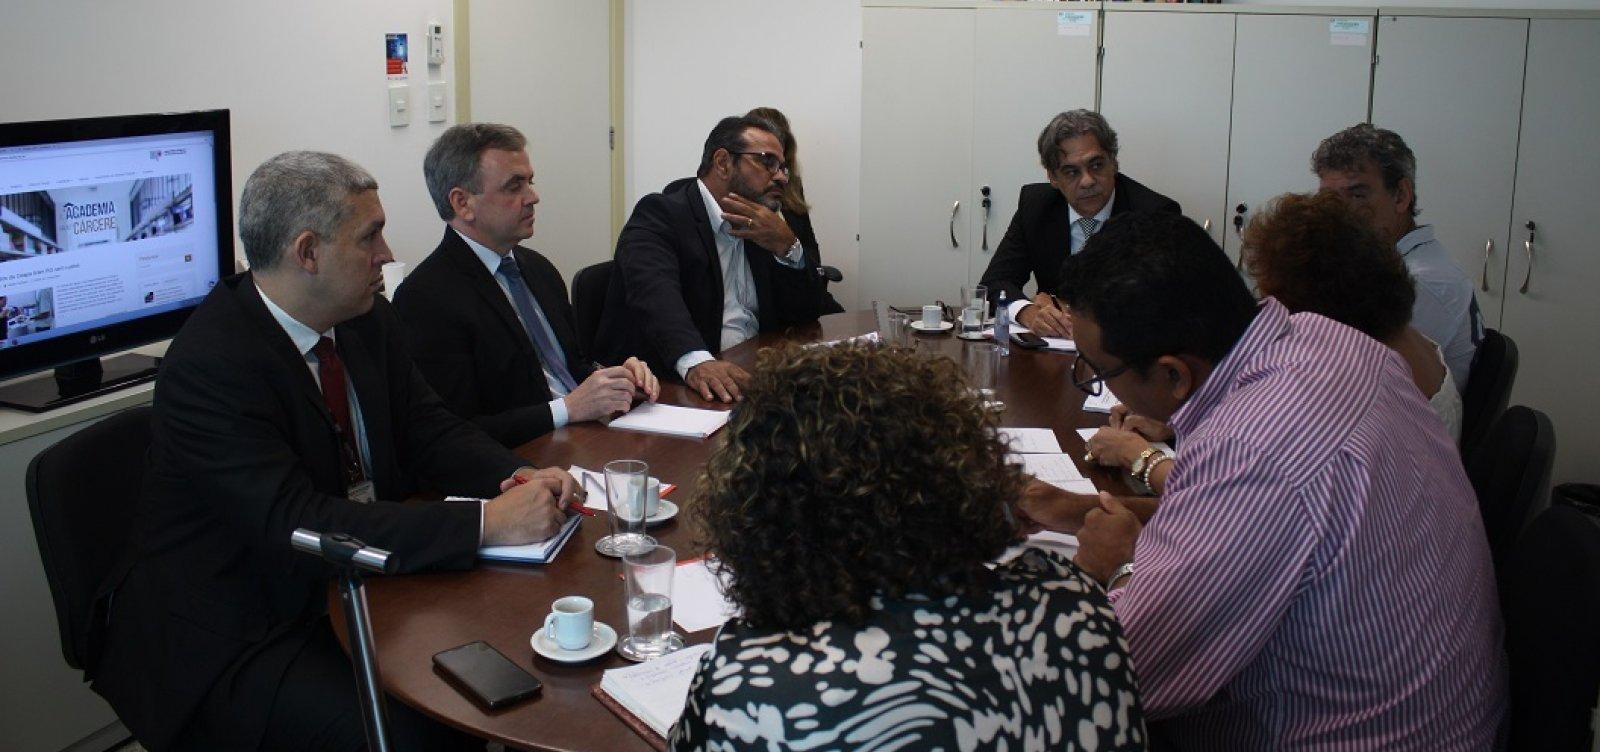 [MP e UFBA discutem parcerias na área de Segurança Pública]